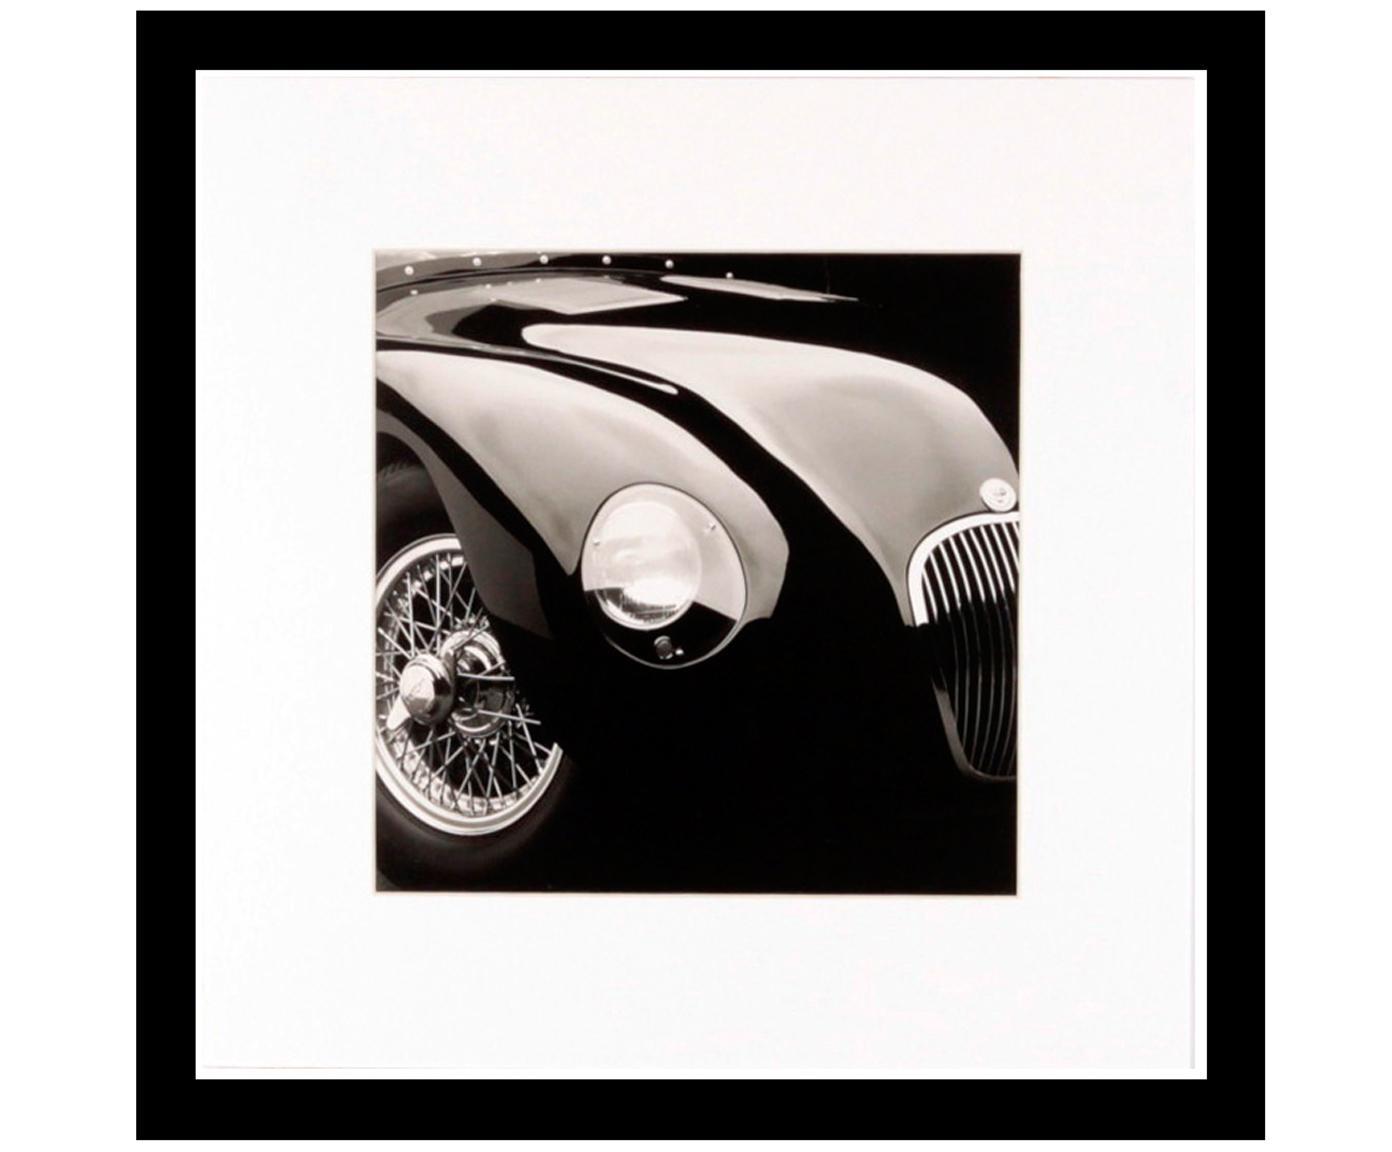 Stampa digitale incorniciata Oldtimer II, Immagine: stampa digitale, Cornice: materiale sintetico, Immagine: nero, bianco<br>Cornice: nero, L 30 x A 30 cm